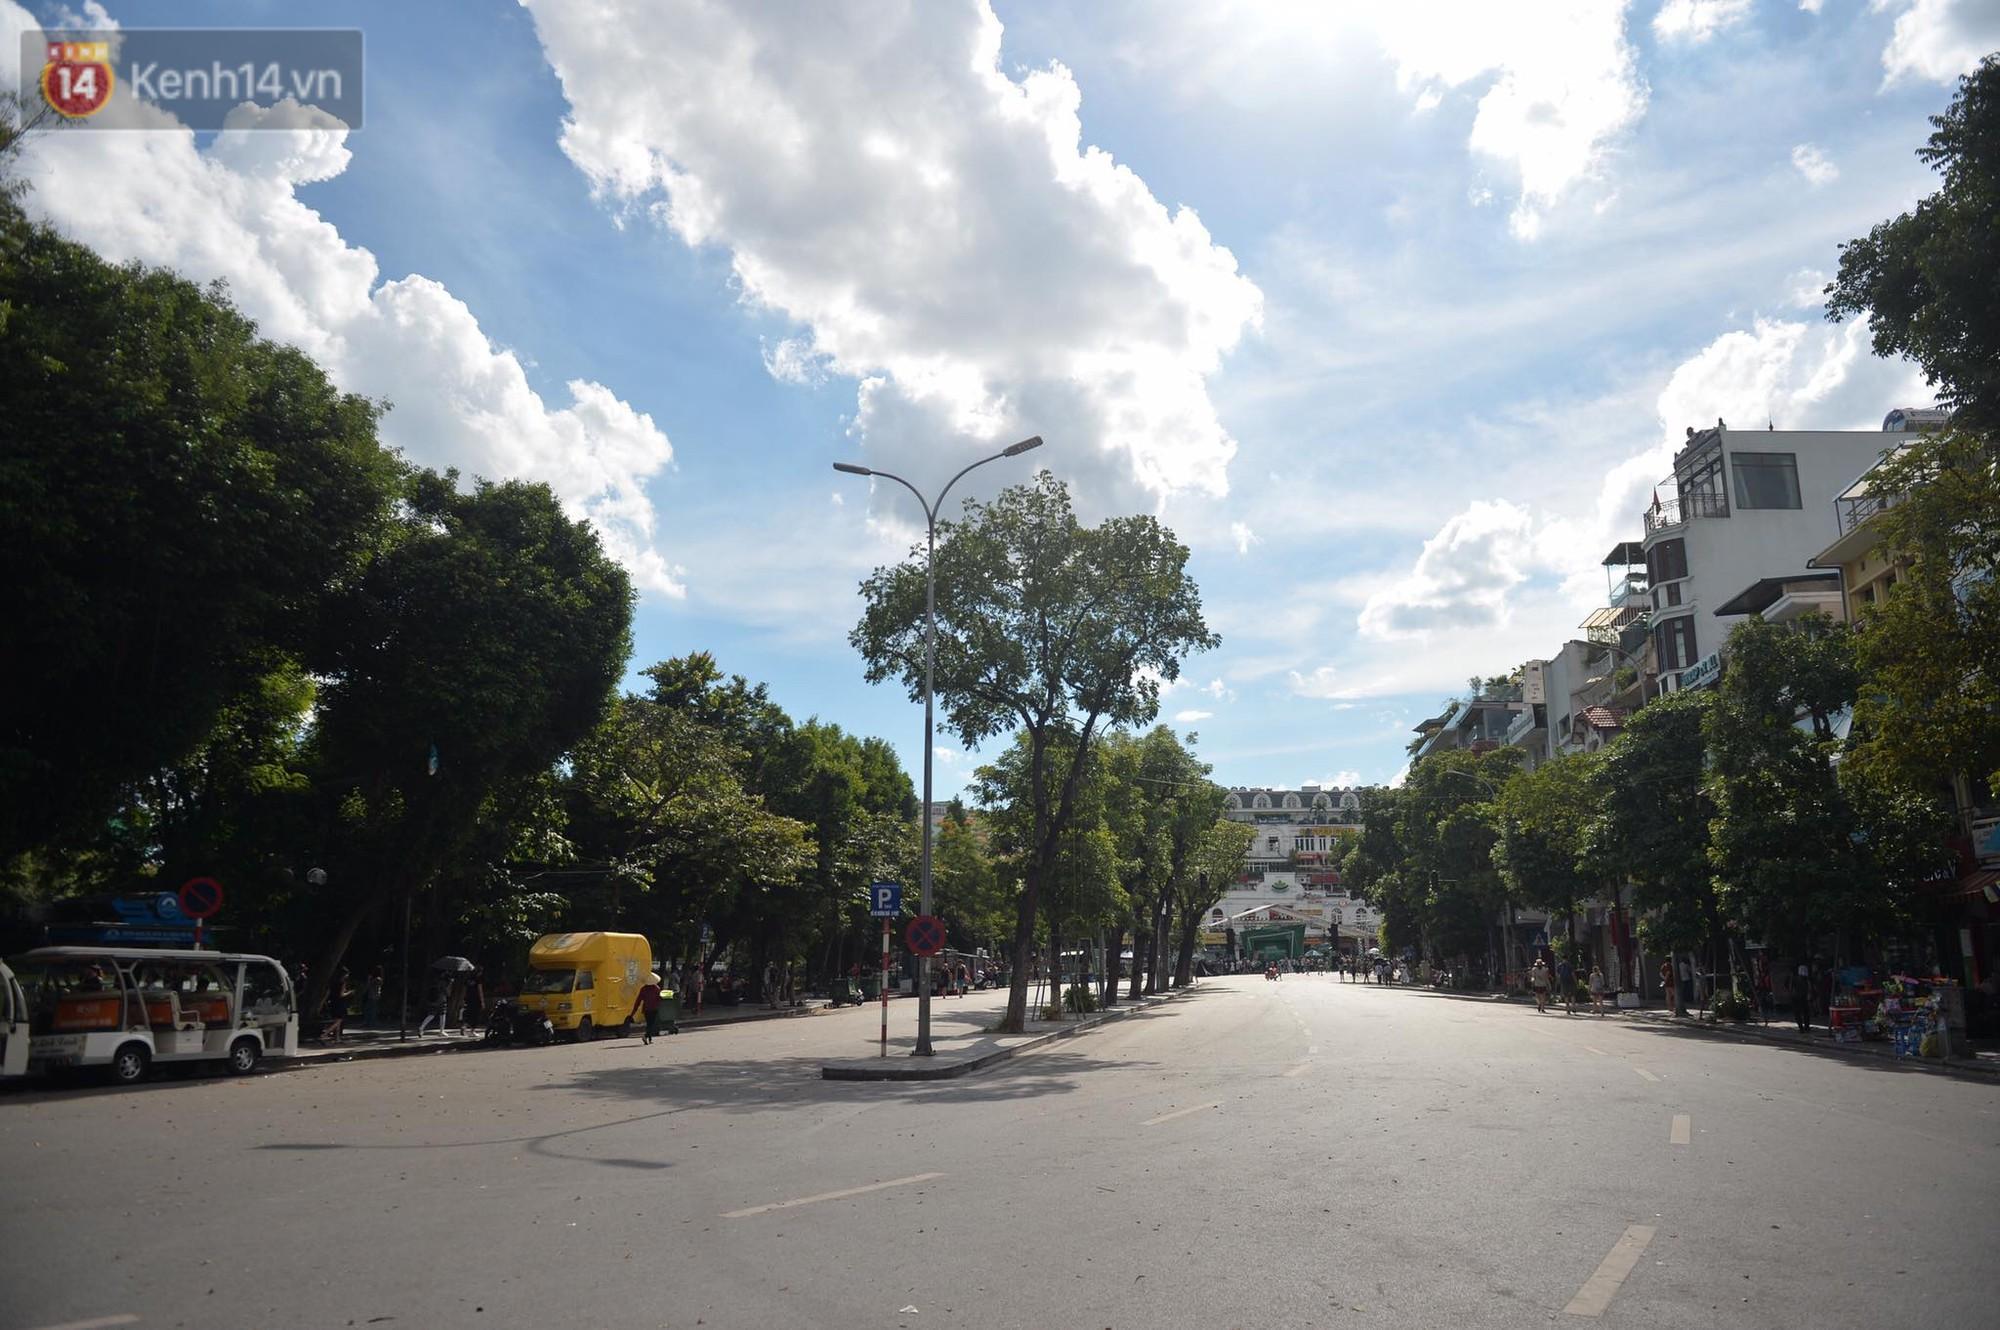 Phố đi bộ vắng tanh gần cuối giờ chiều, nhiệt độ đỉnh điểm ở Hà Nội lên tới 44 độ C - Ảnh 4.